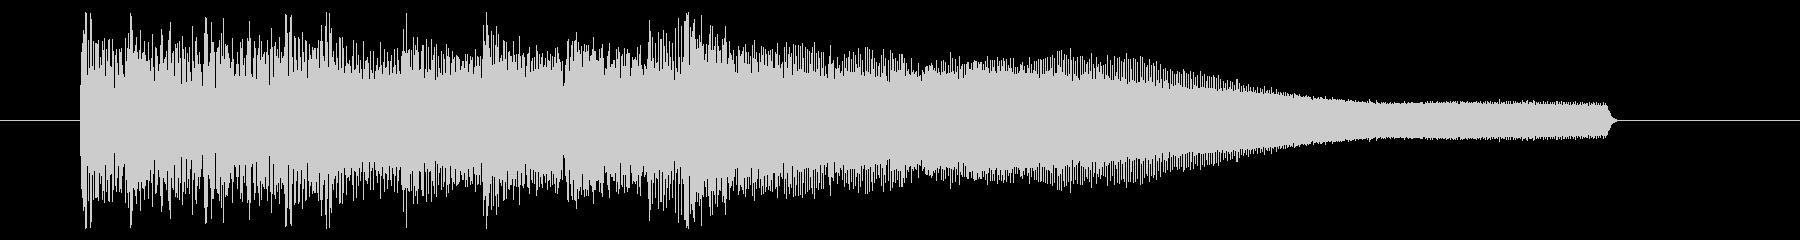 ラジオ等に使える明るめなジングルの未再生の波形